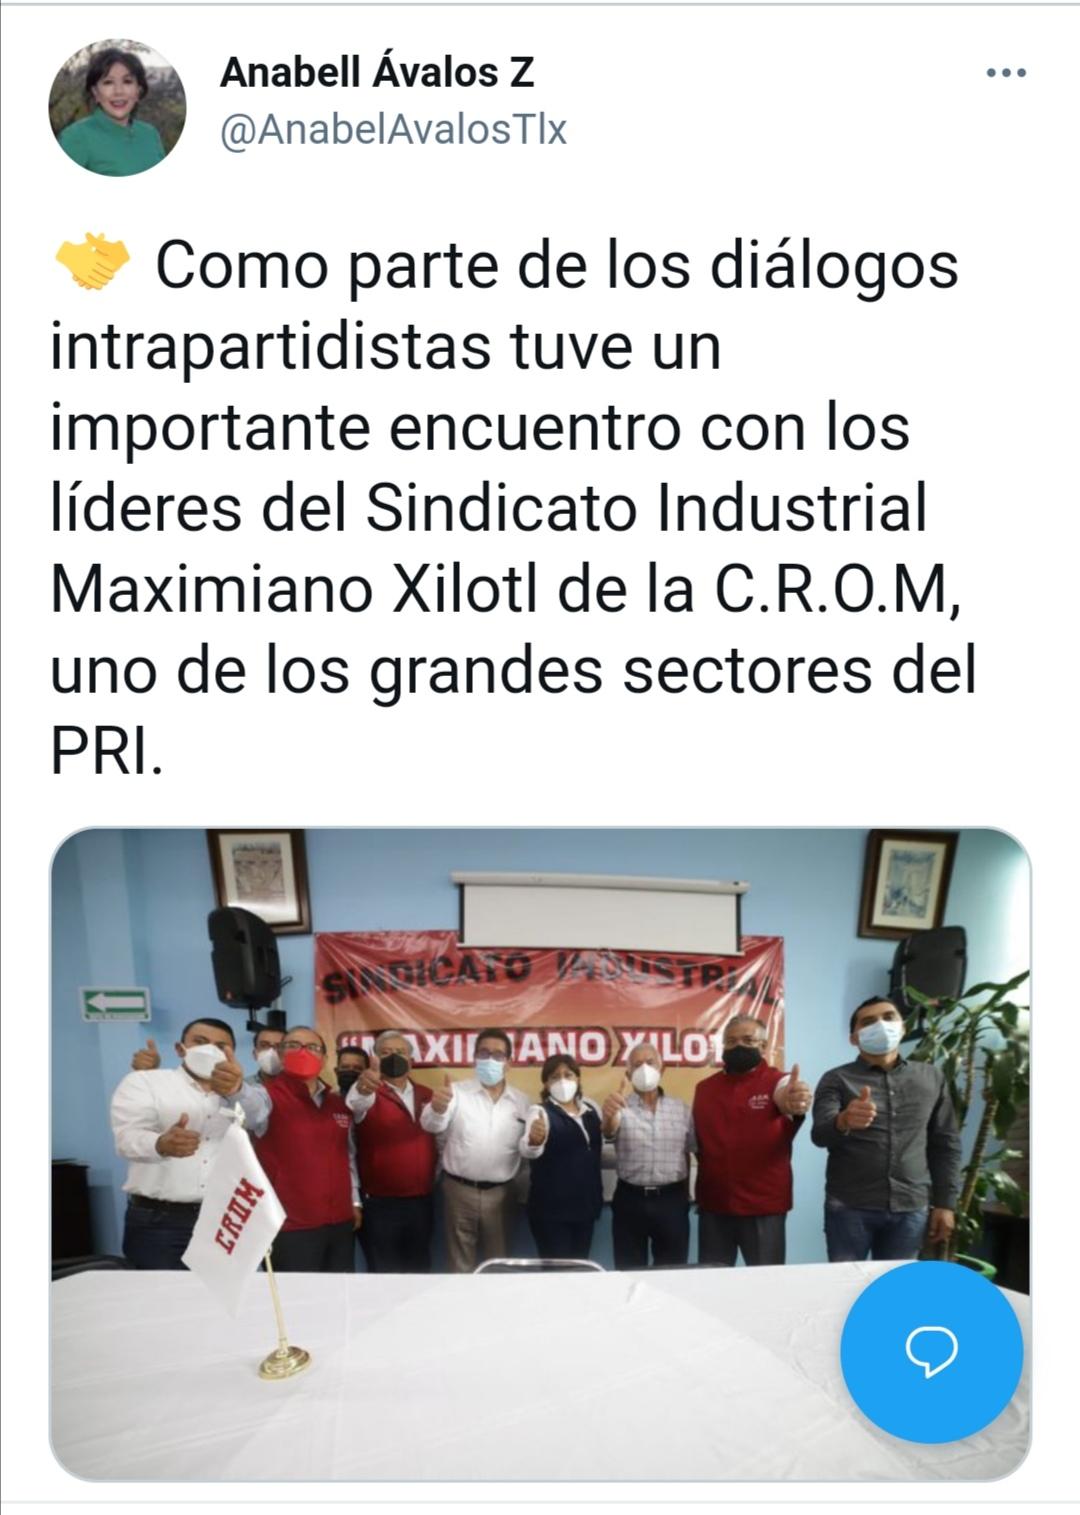 Como parte de los diálogos intrapartidistas tuve un importante encuentro con los líderes del Sindicato Industrial Maximiano Xilotl de la C.R.O.M, uno de los grandes sectores del PRI.